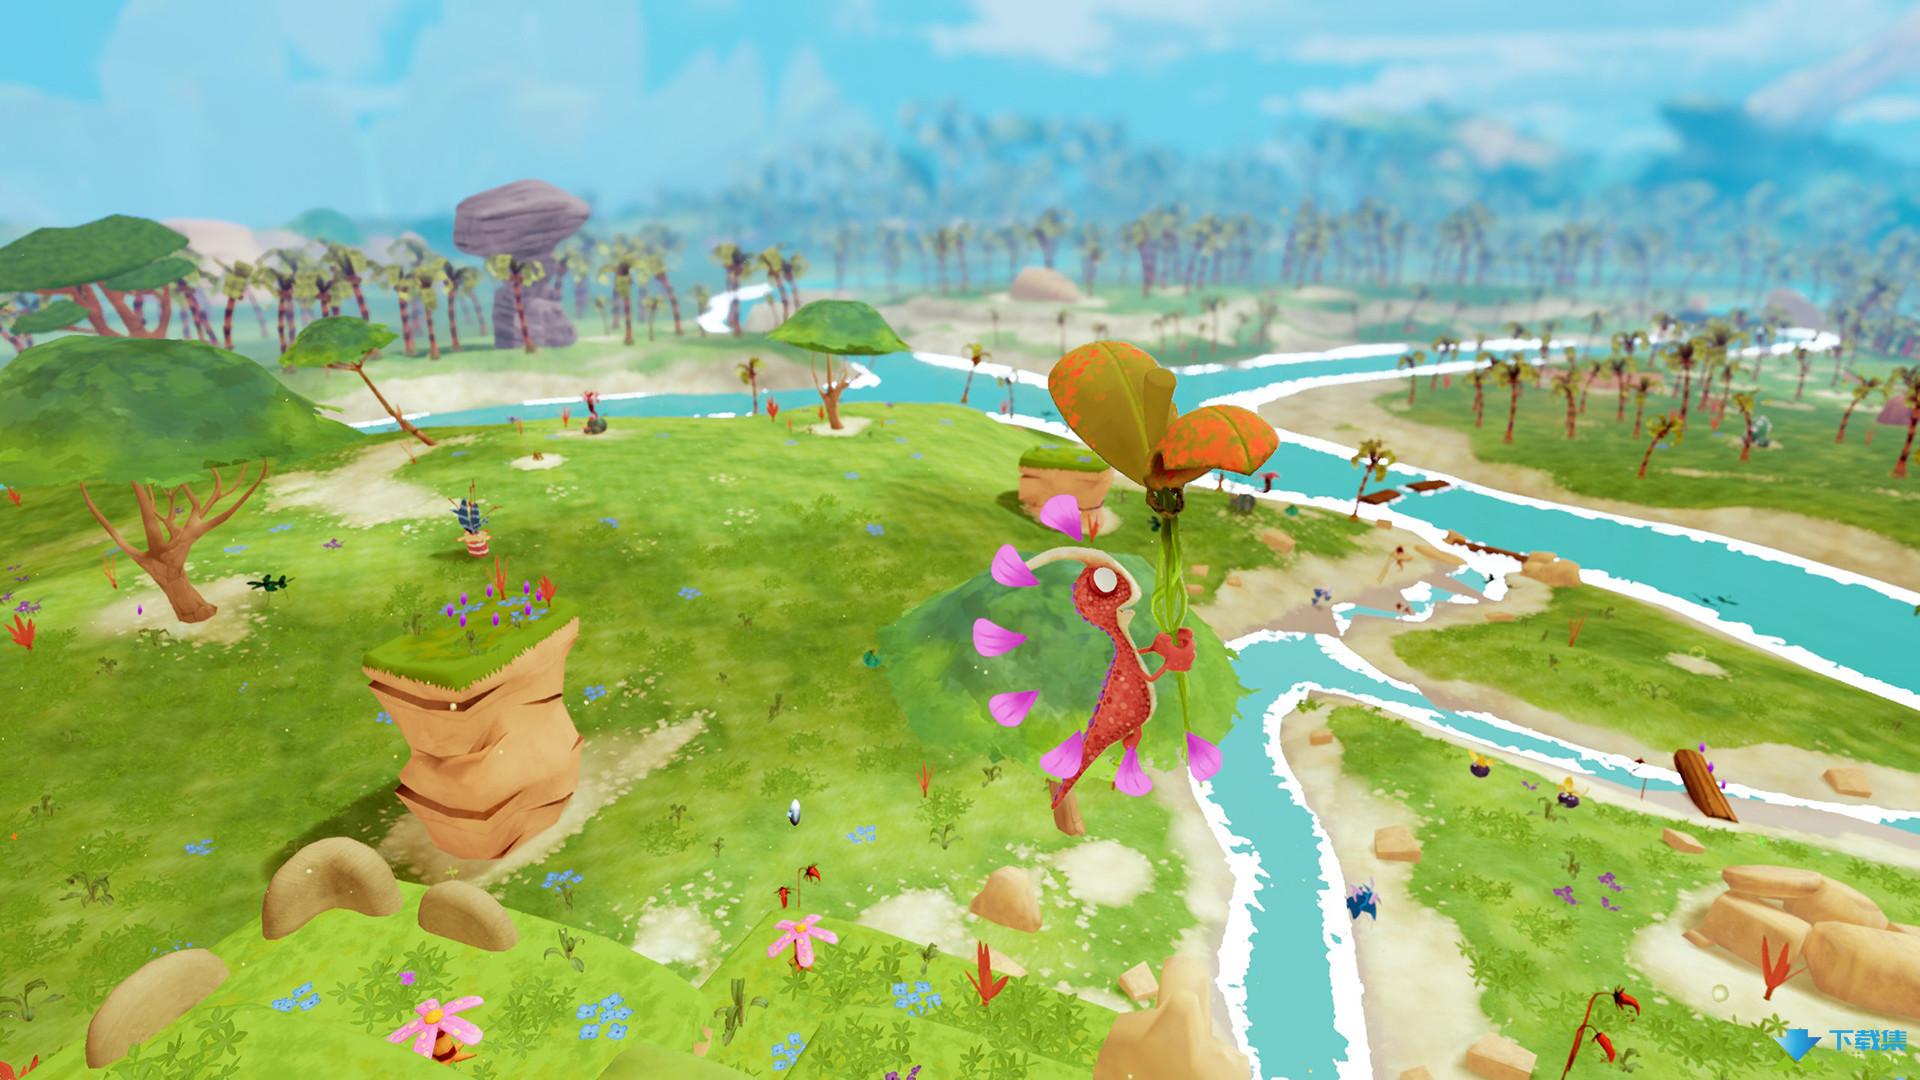 巨龙游戏界面4